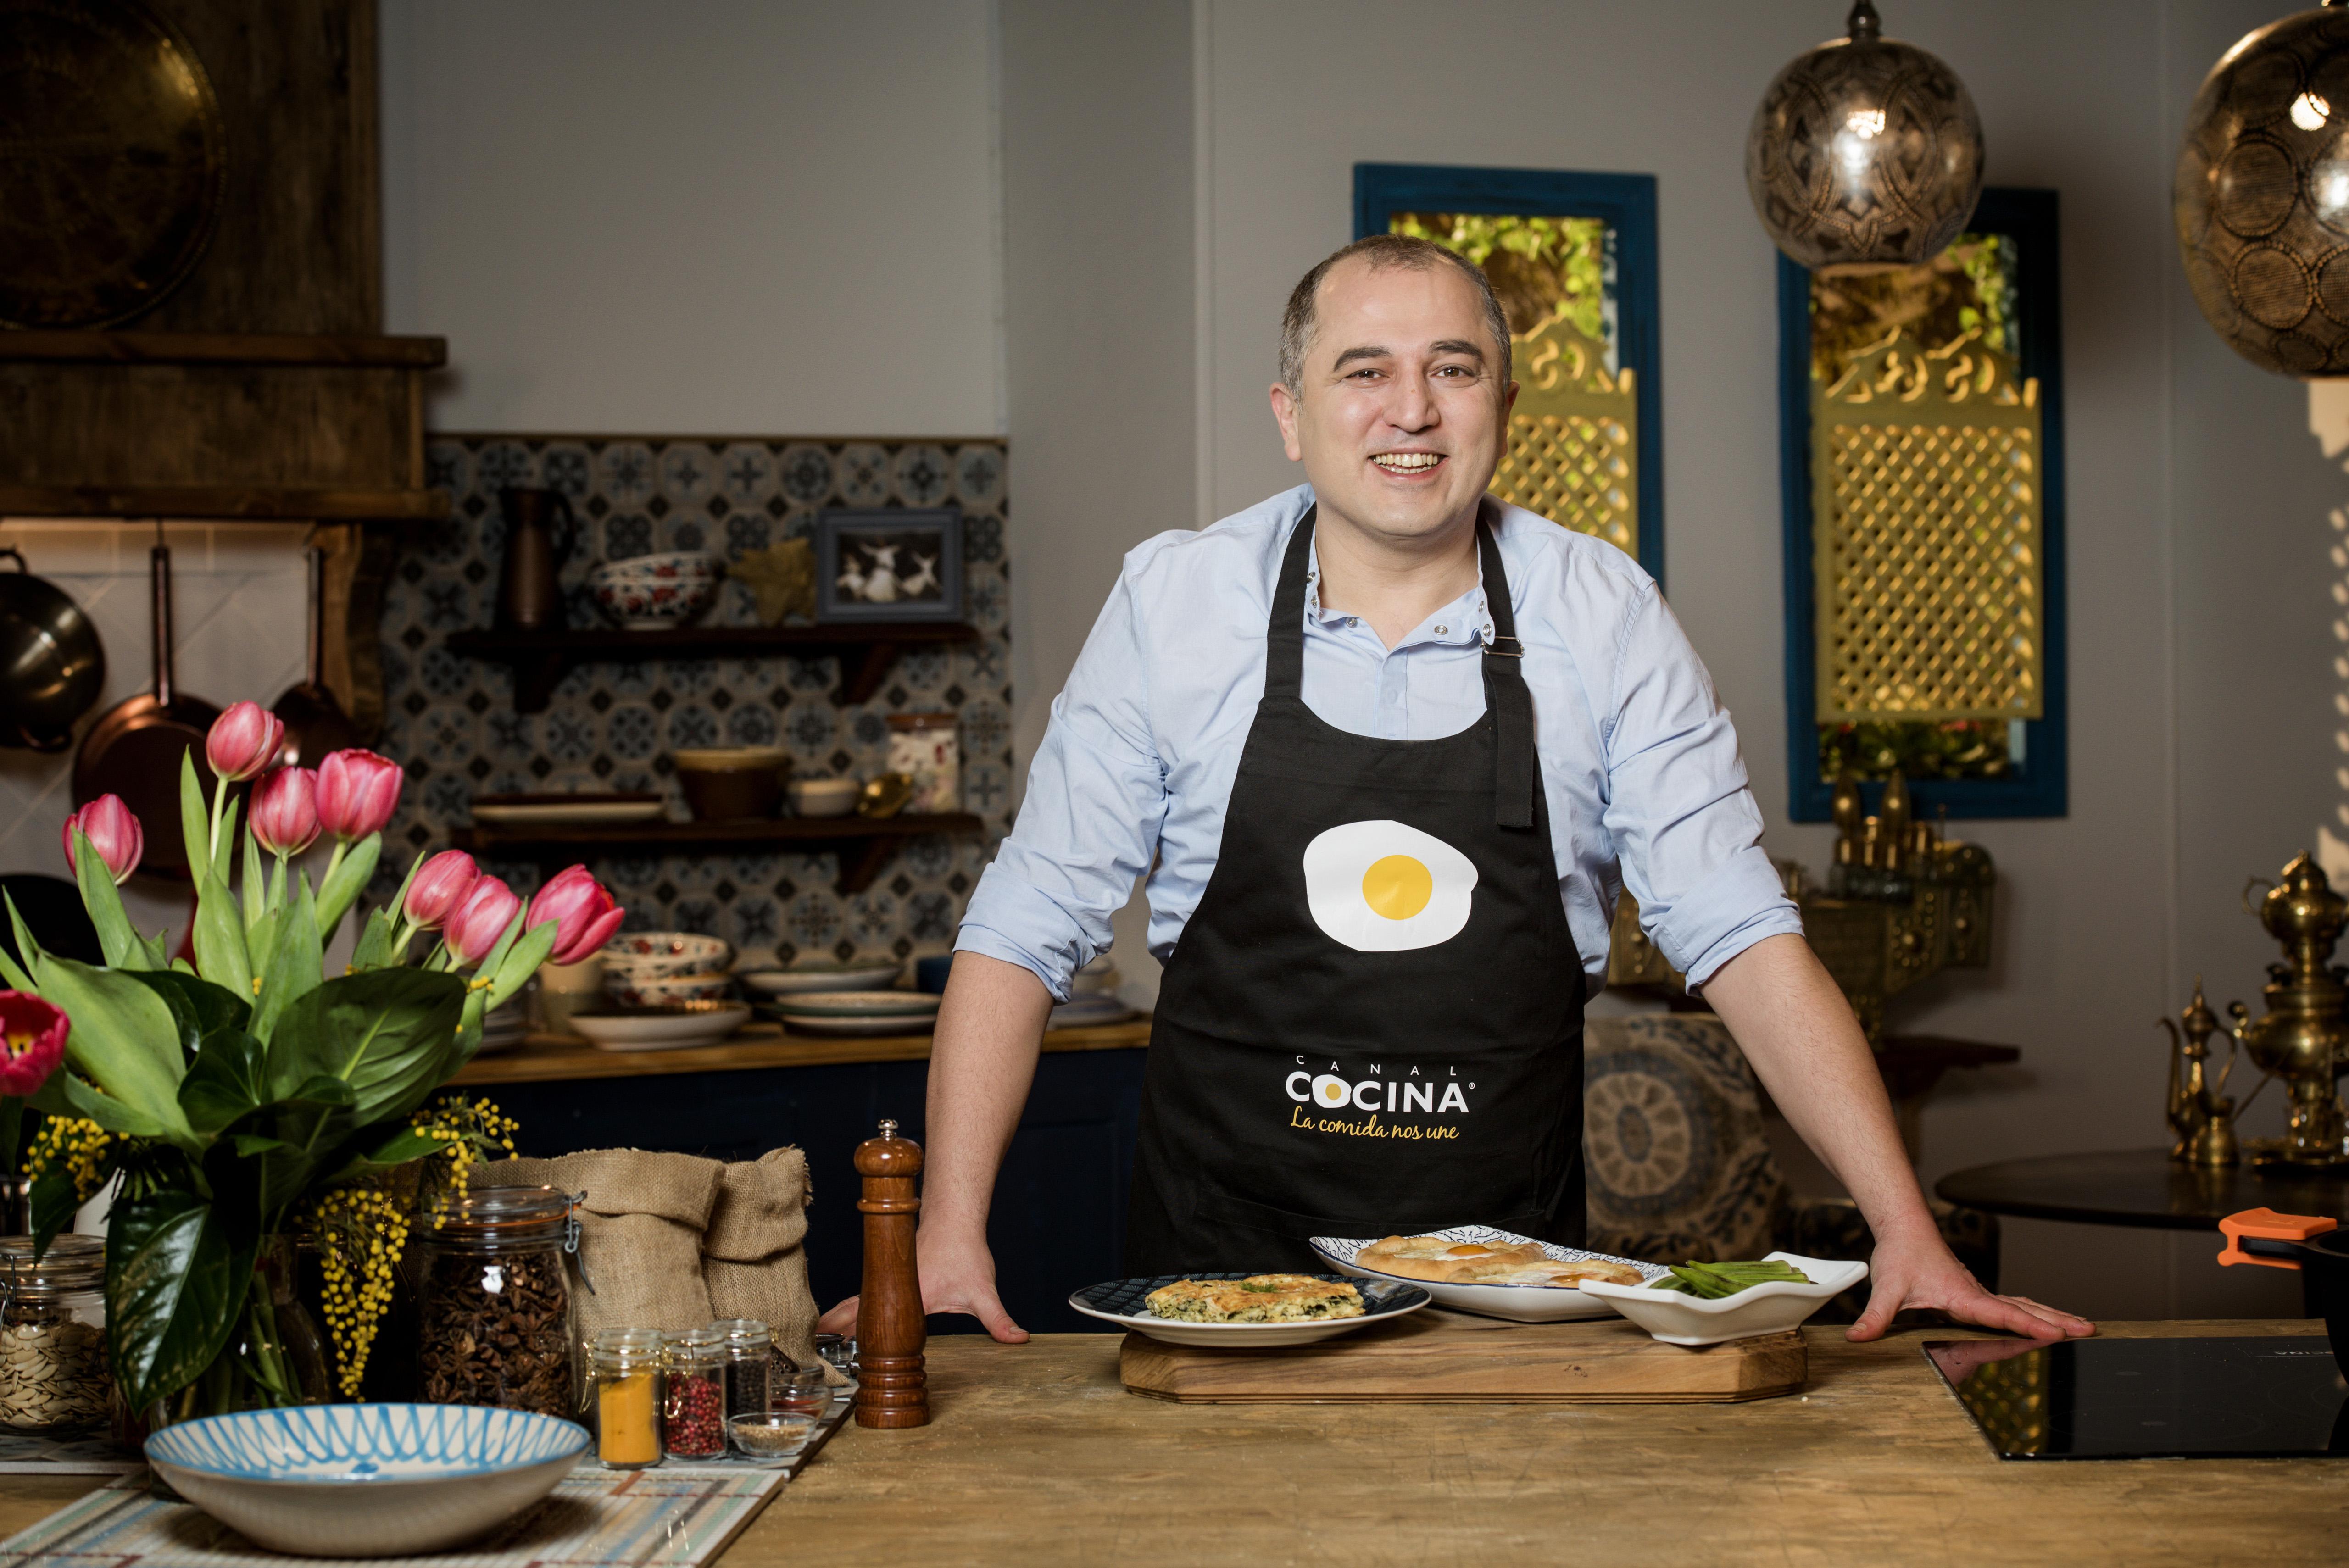 Lo mejor de la cocina turca llega a canal cocina - Canal de cocina ...